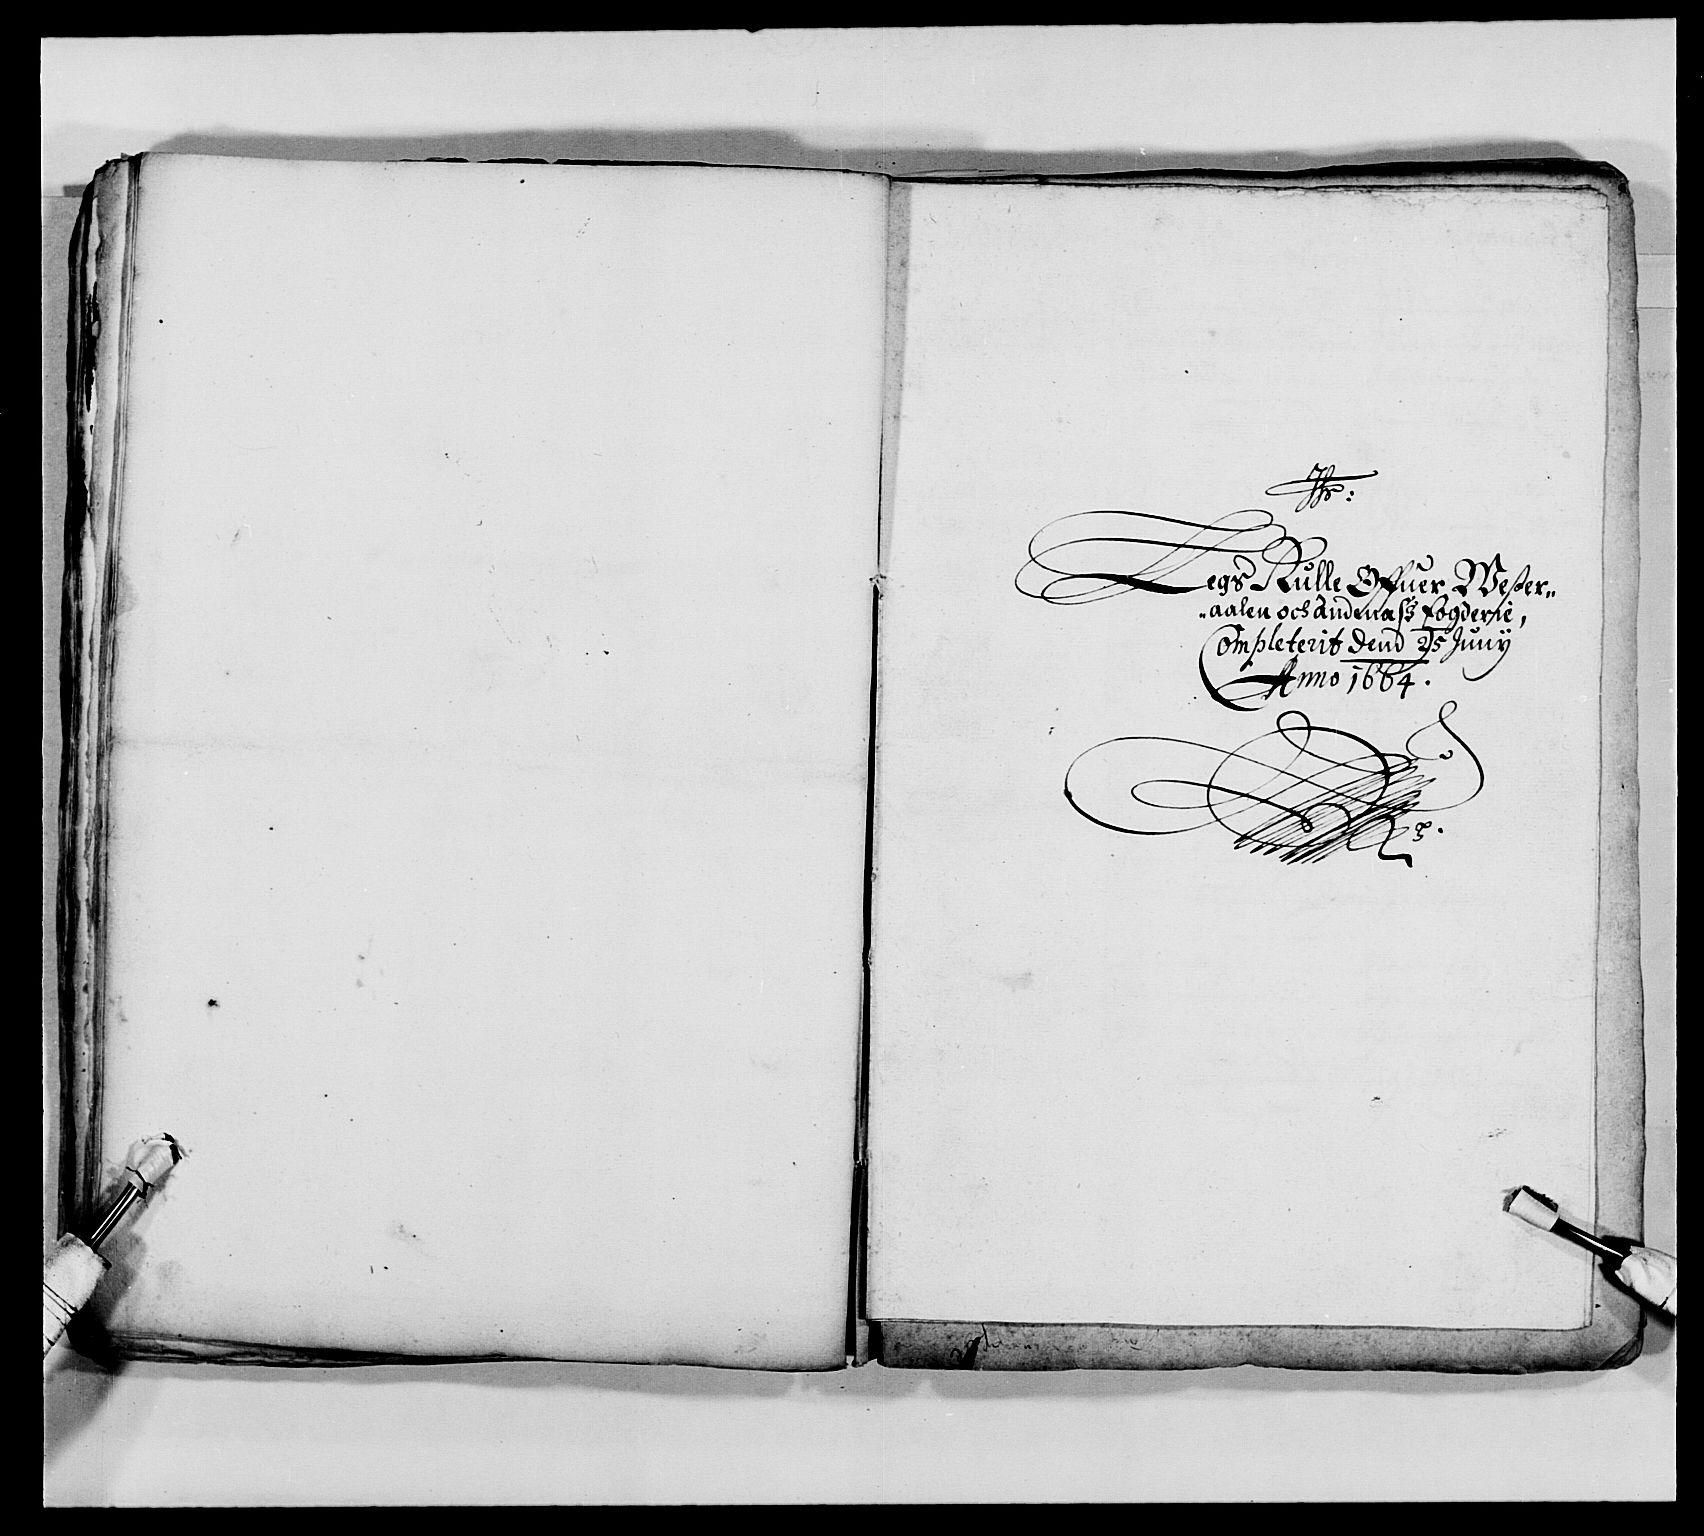 RA, Kommanderende general (KG I) med Det norske krigsdirektorium, E/Ea/L0473: Marineregimentet, 1664-1700, s. 41